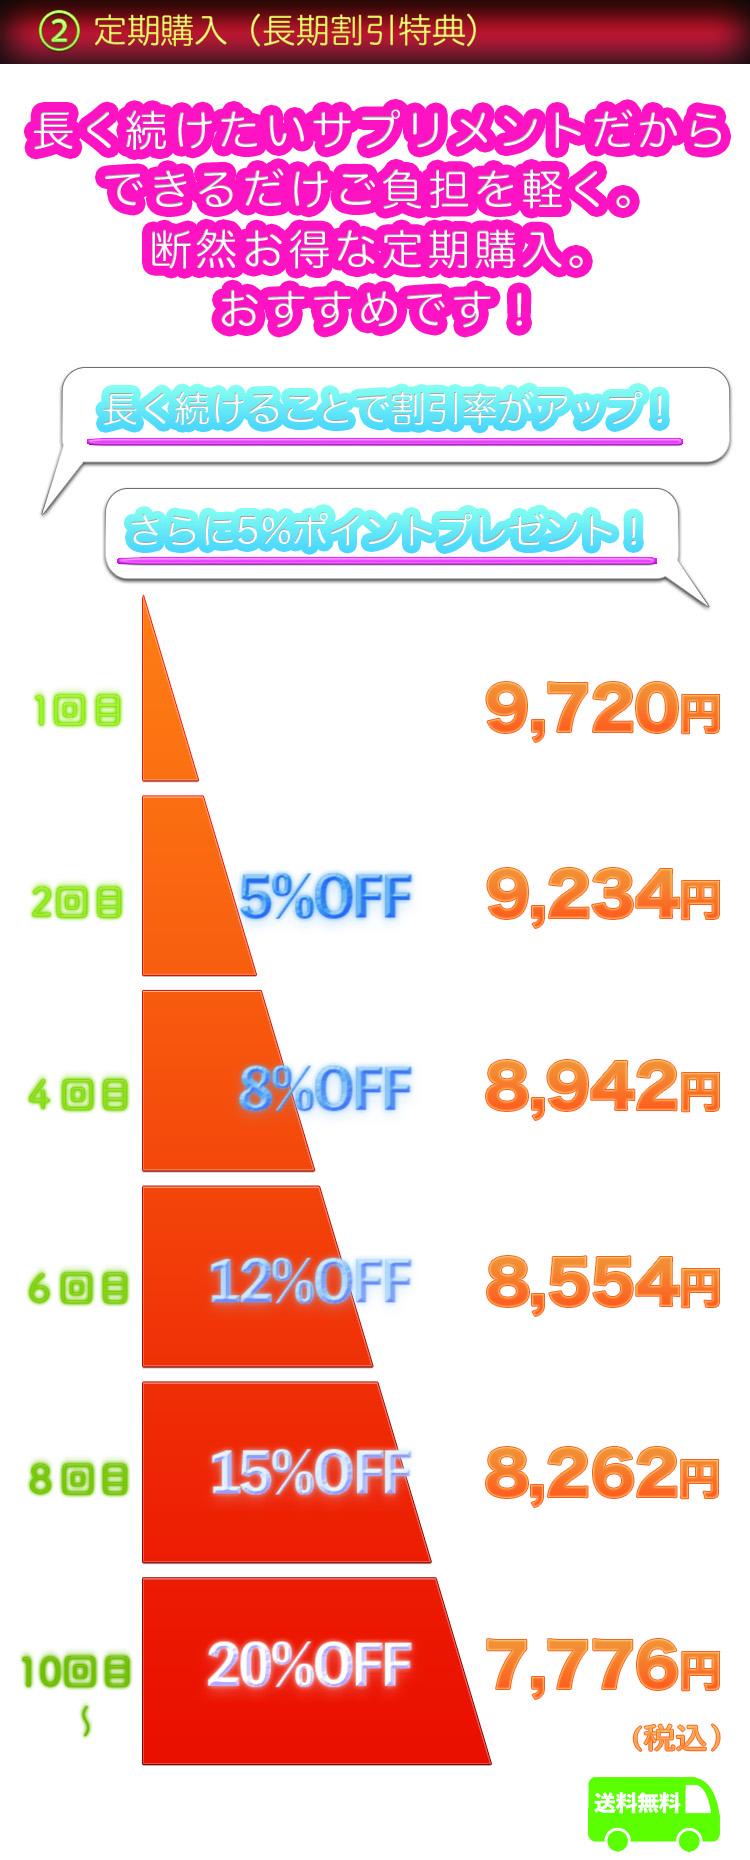 商品画像定期購入